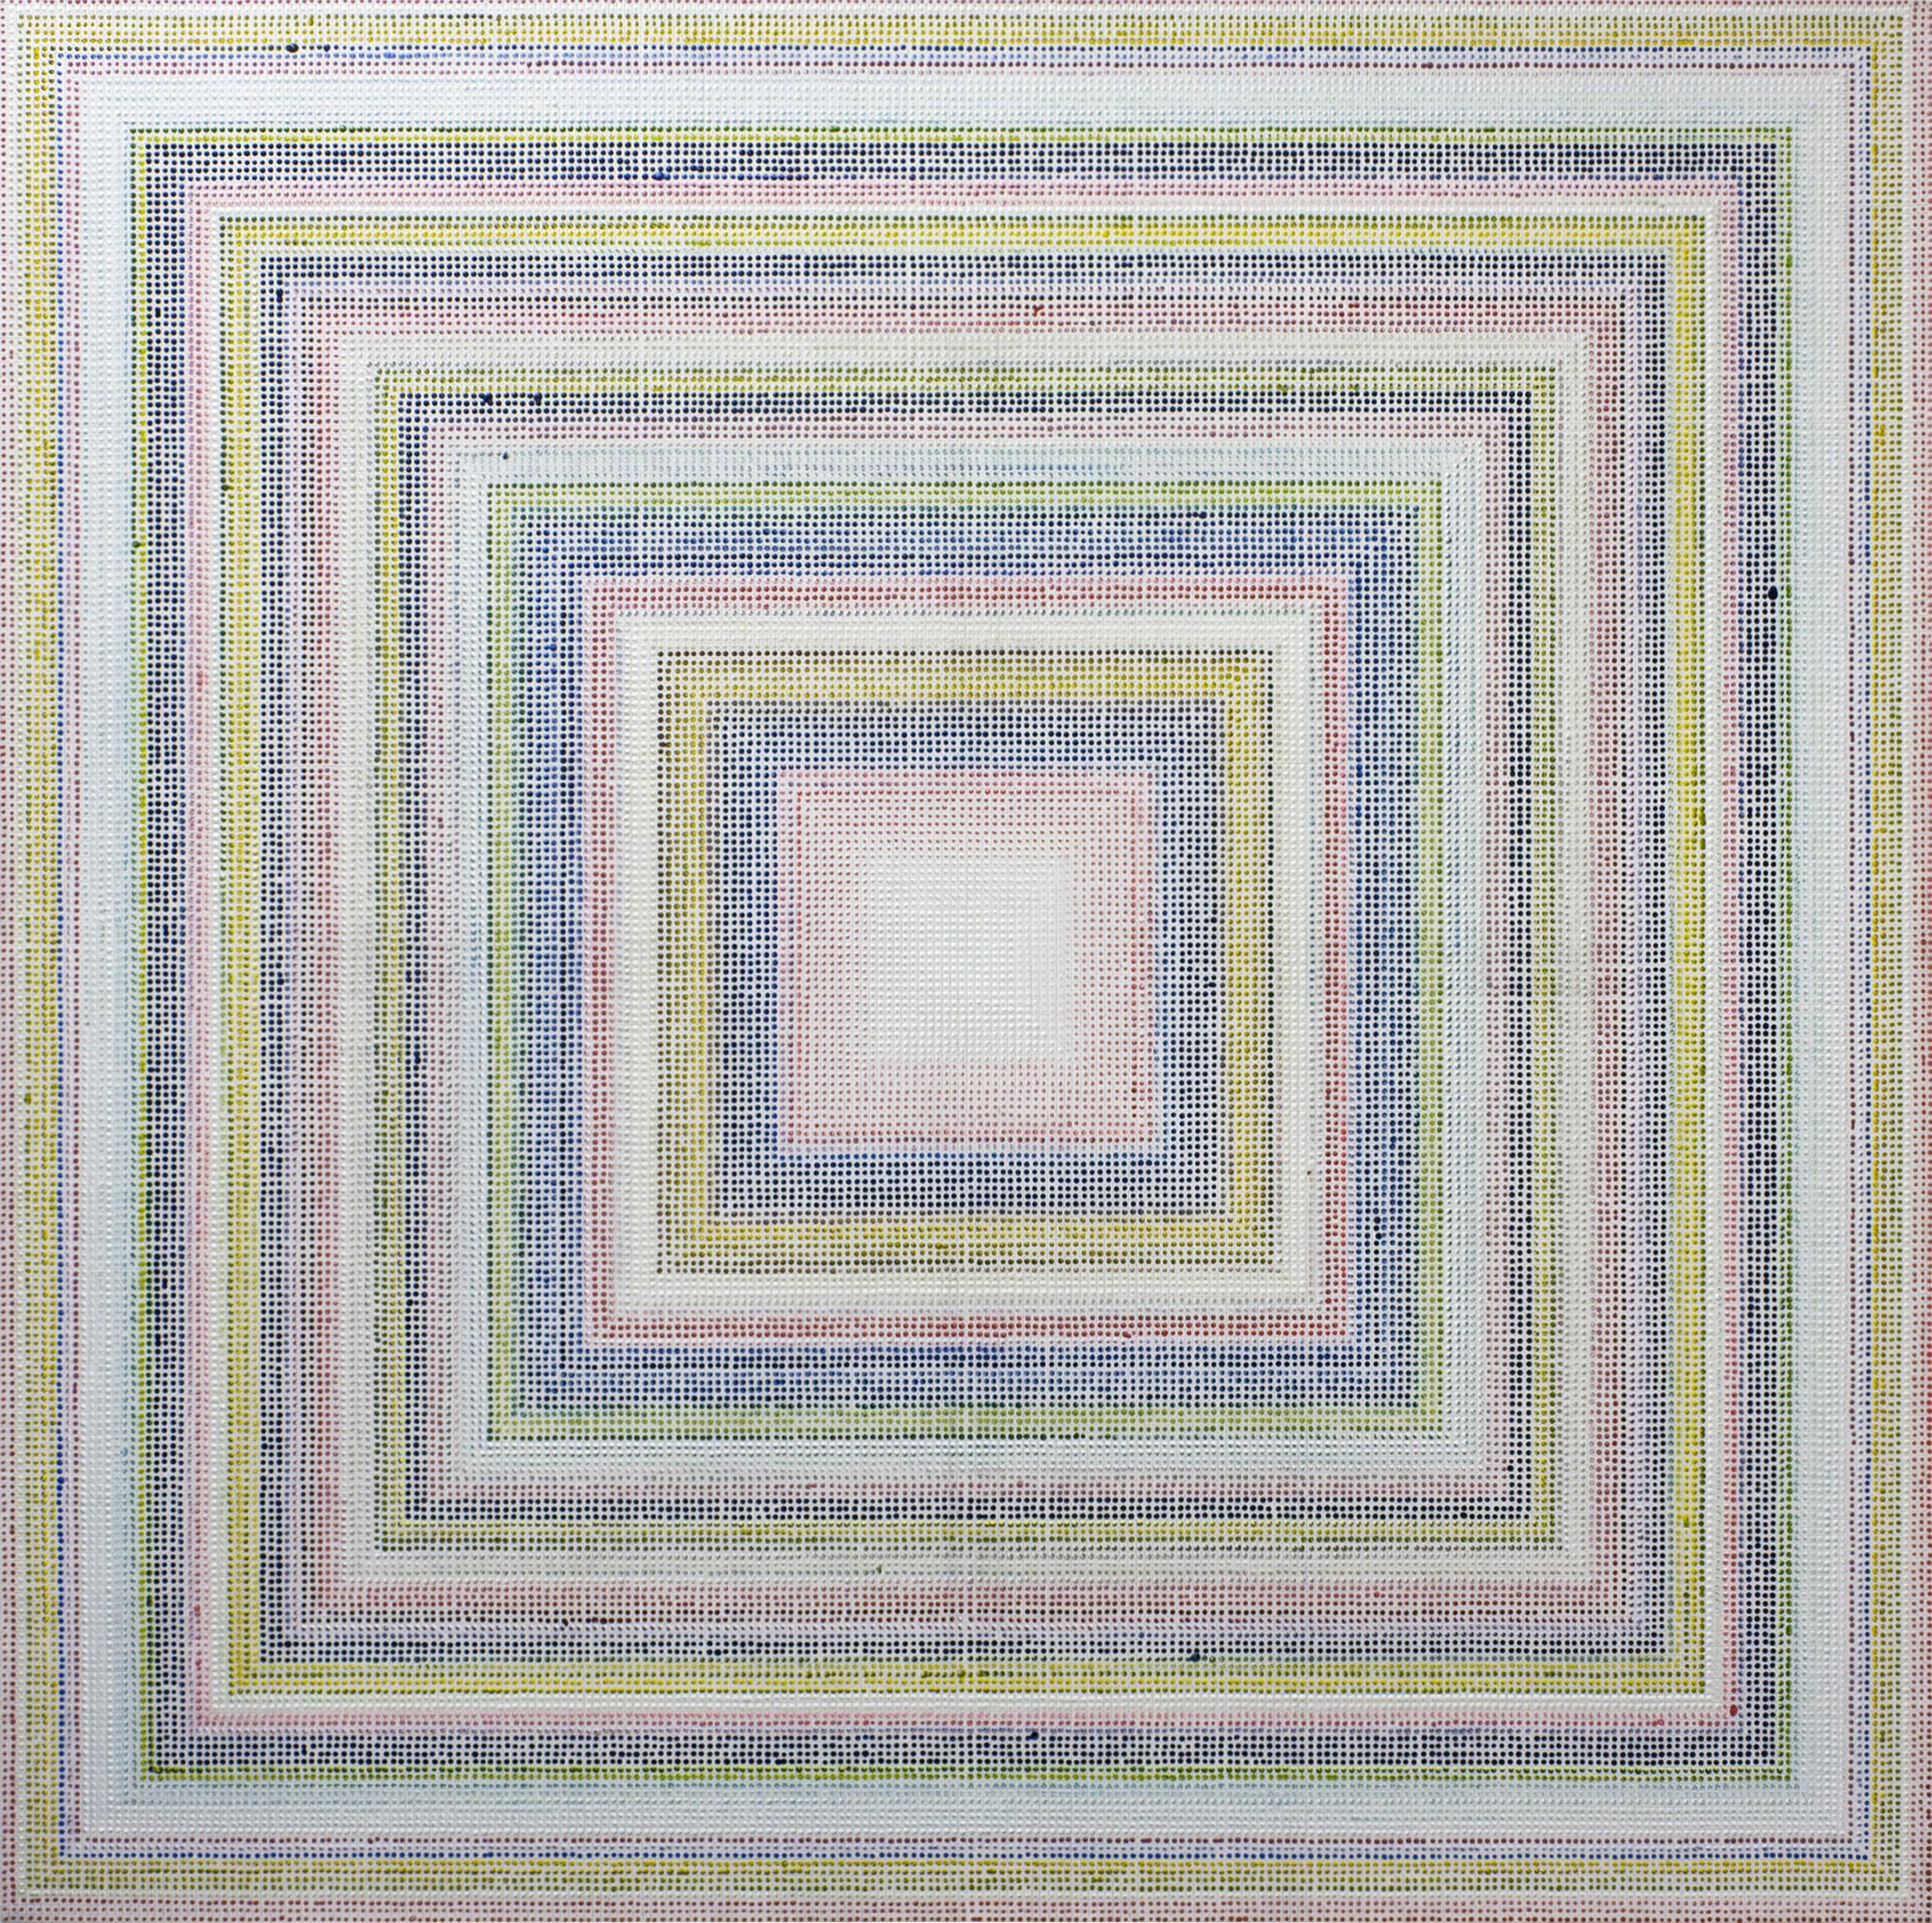 Untitled (RYB), acrylic on canvas, 2011, 60 x 60in | 152 x 152cm